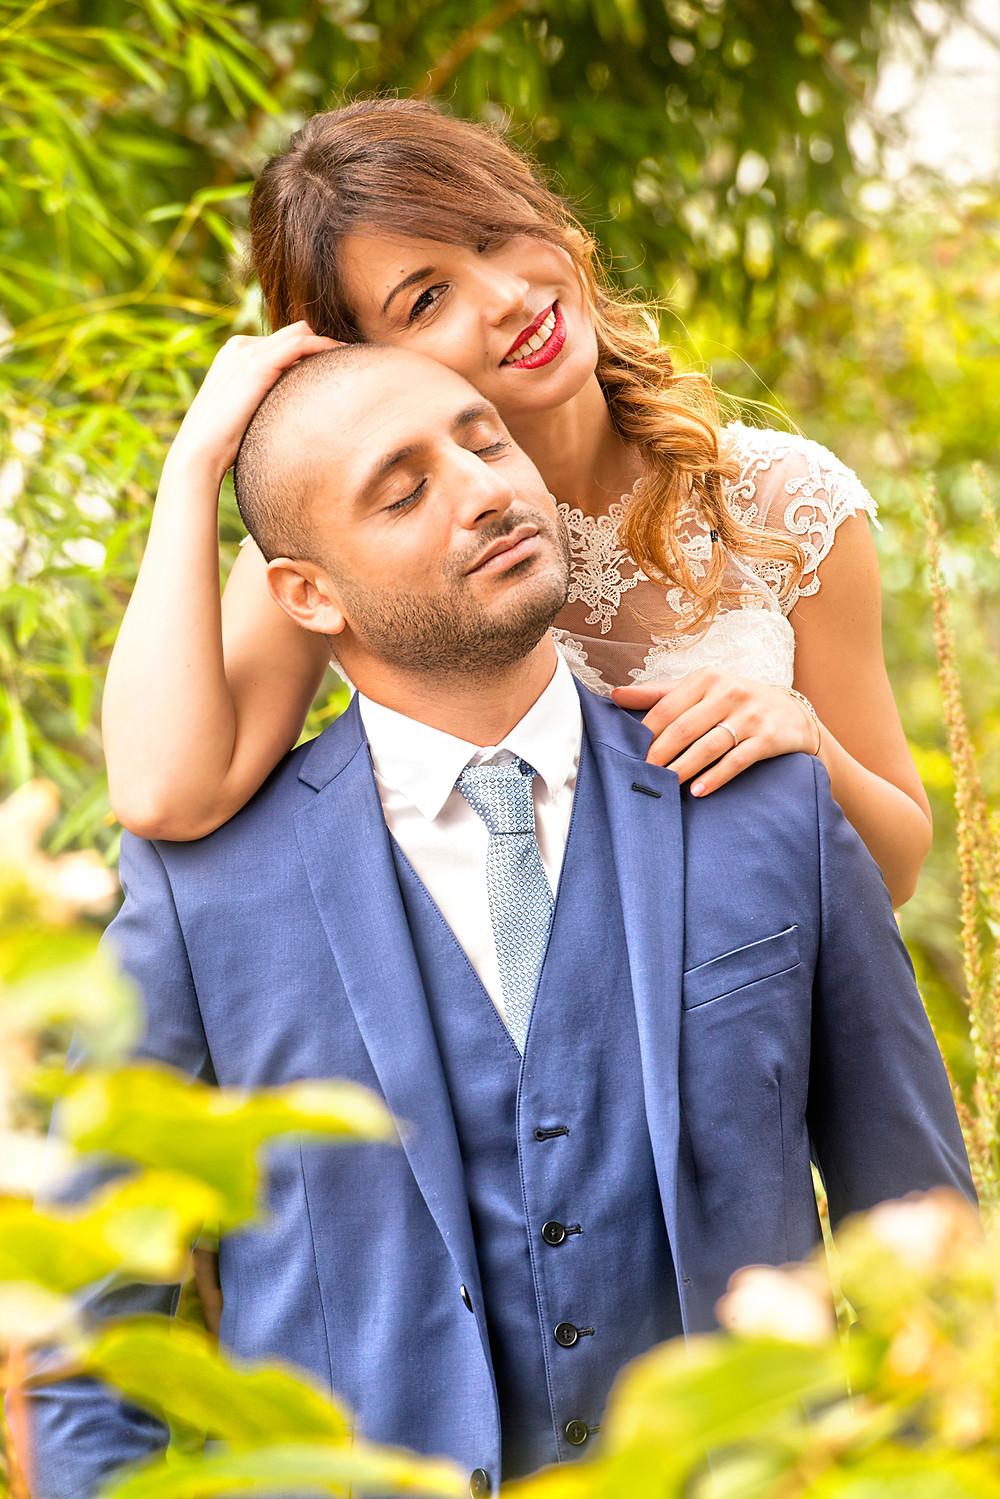 photographe de mariage - 95 - val d'oise - Courbevoie - 92 - Hauts-de-Seine